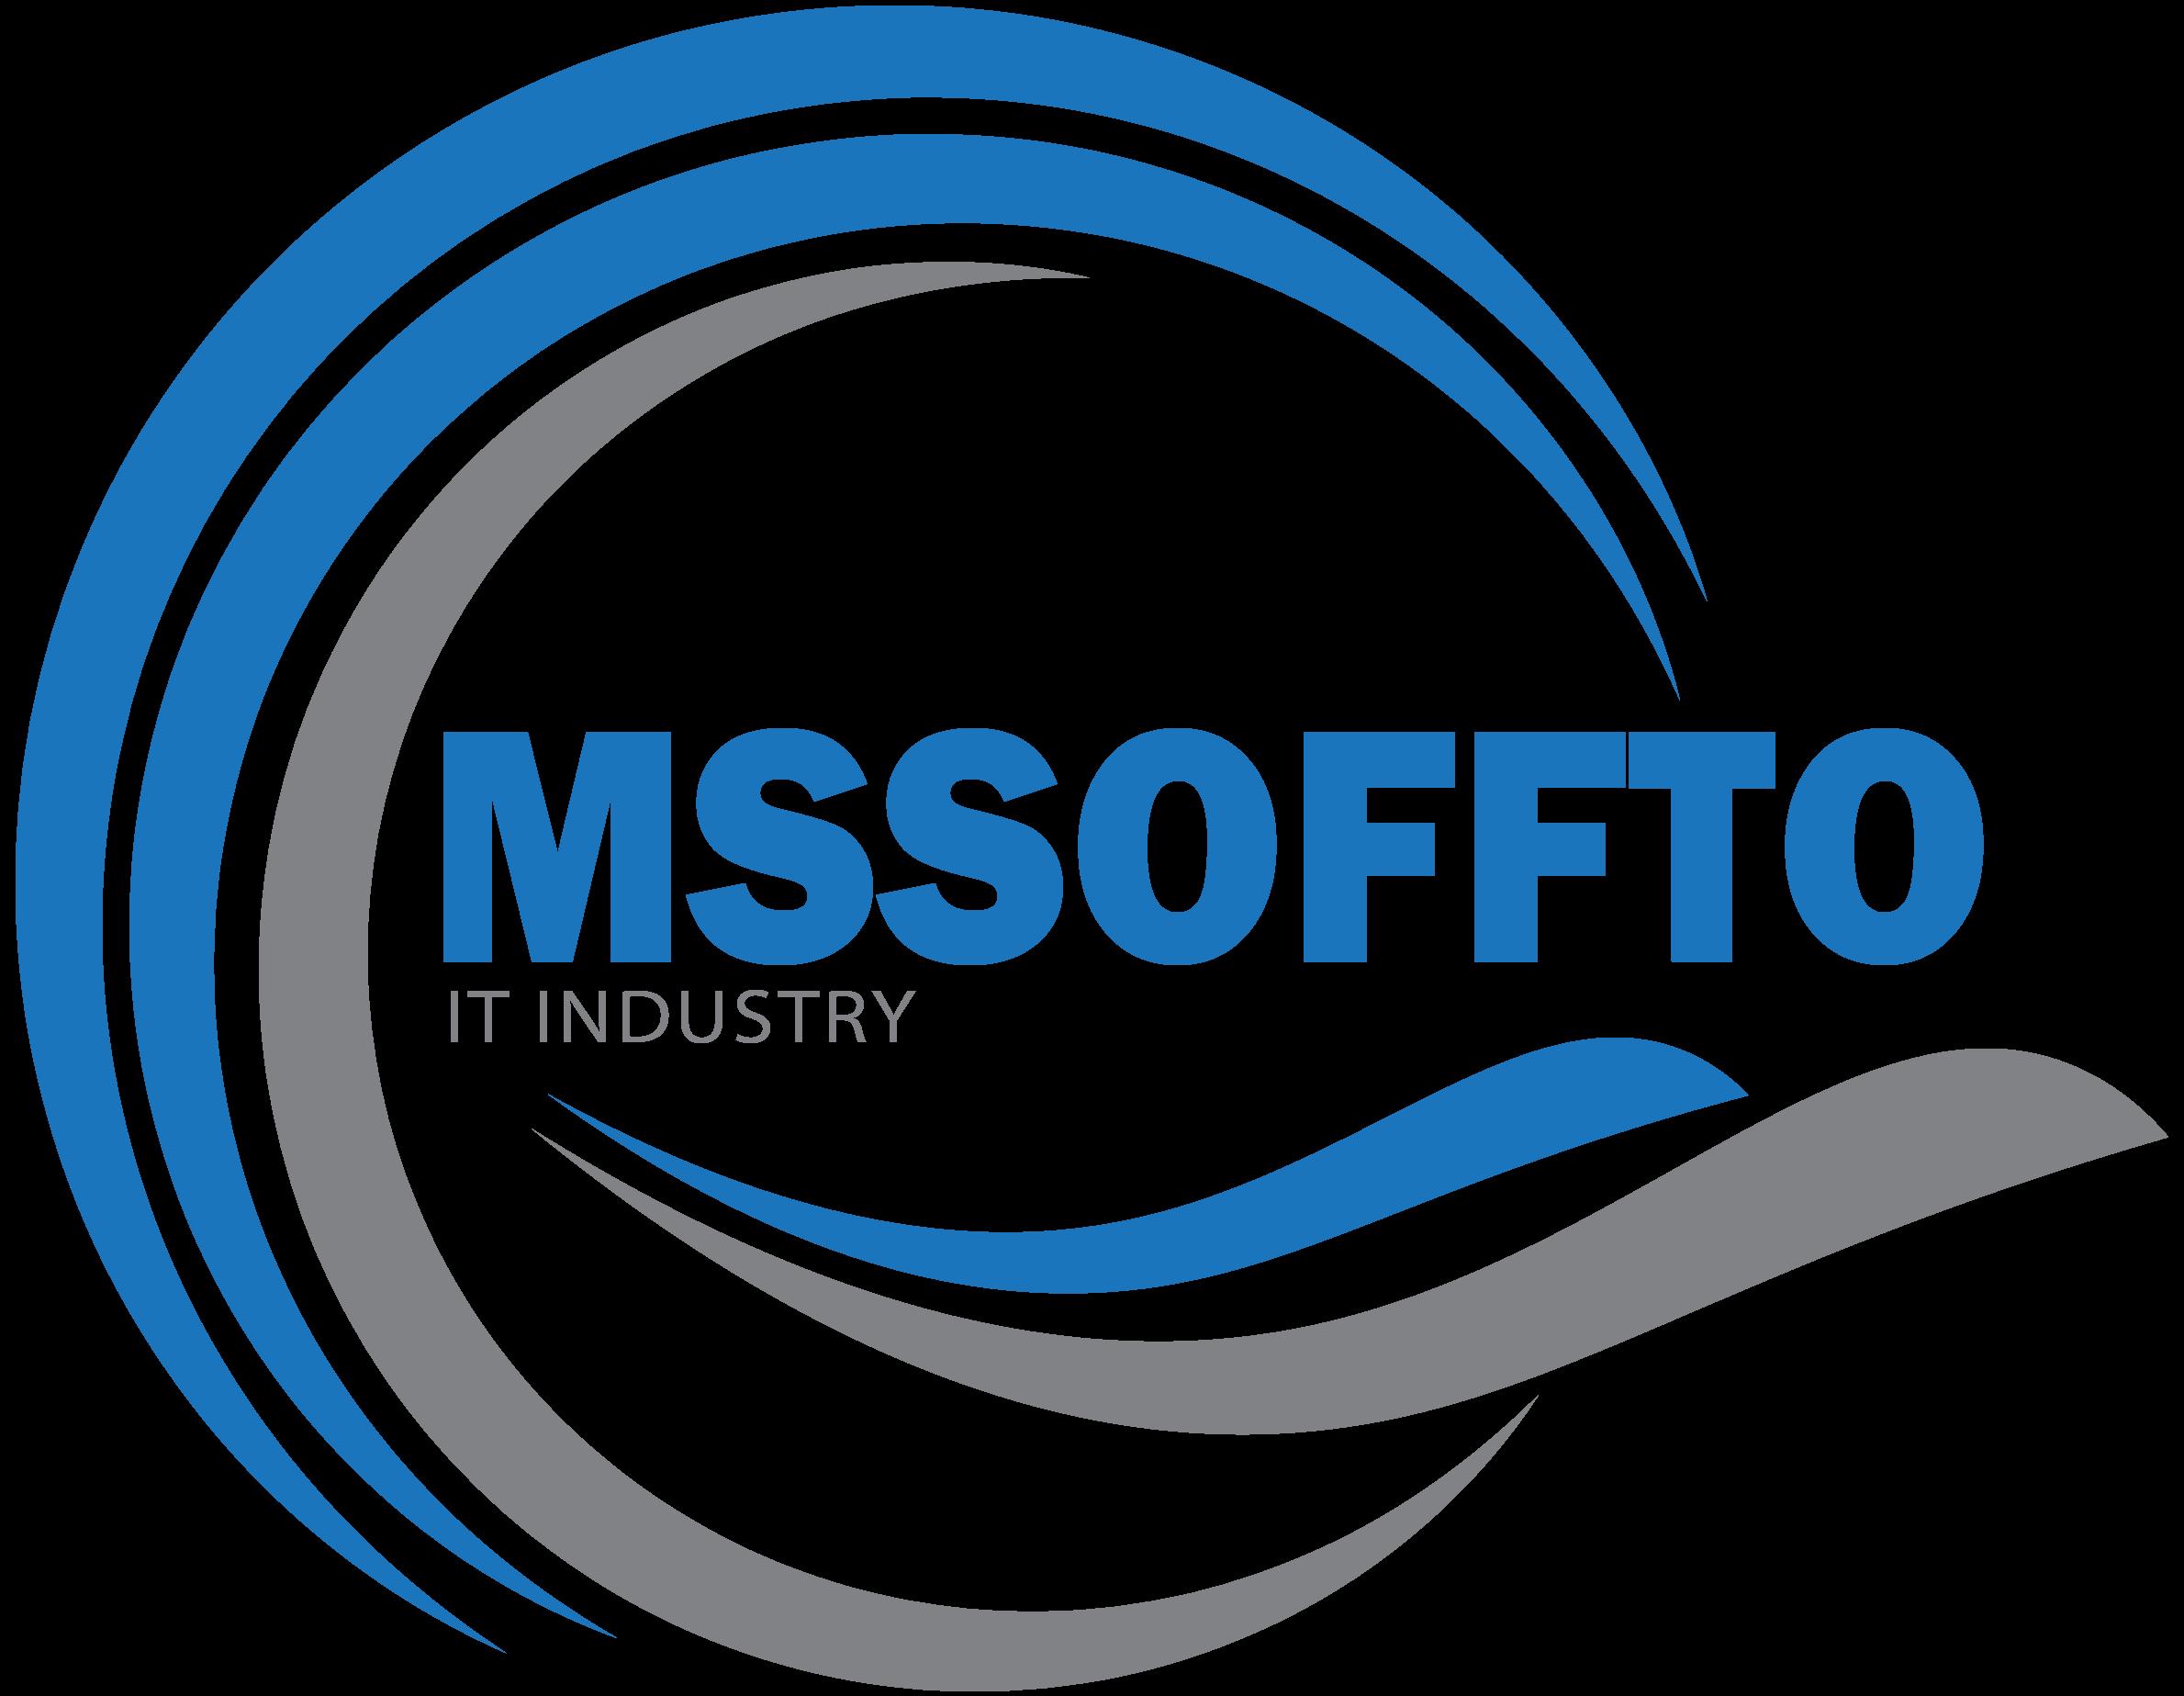 MSsoffto Learn Digital Marketing